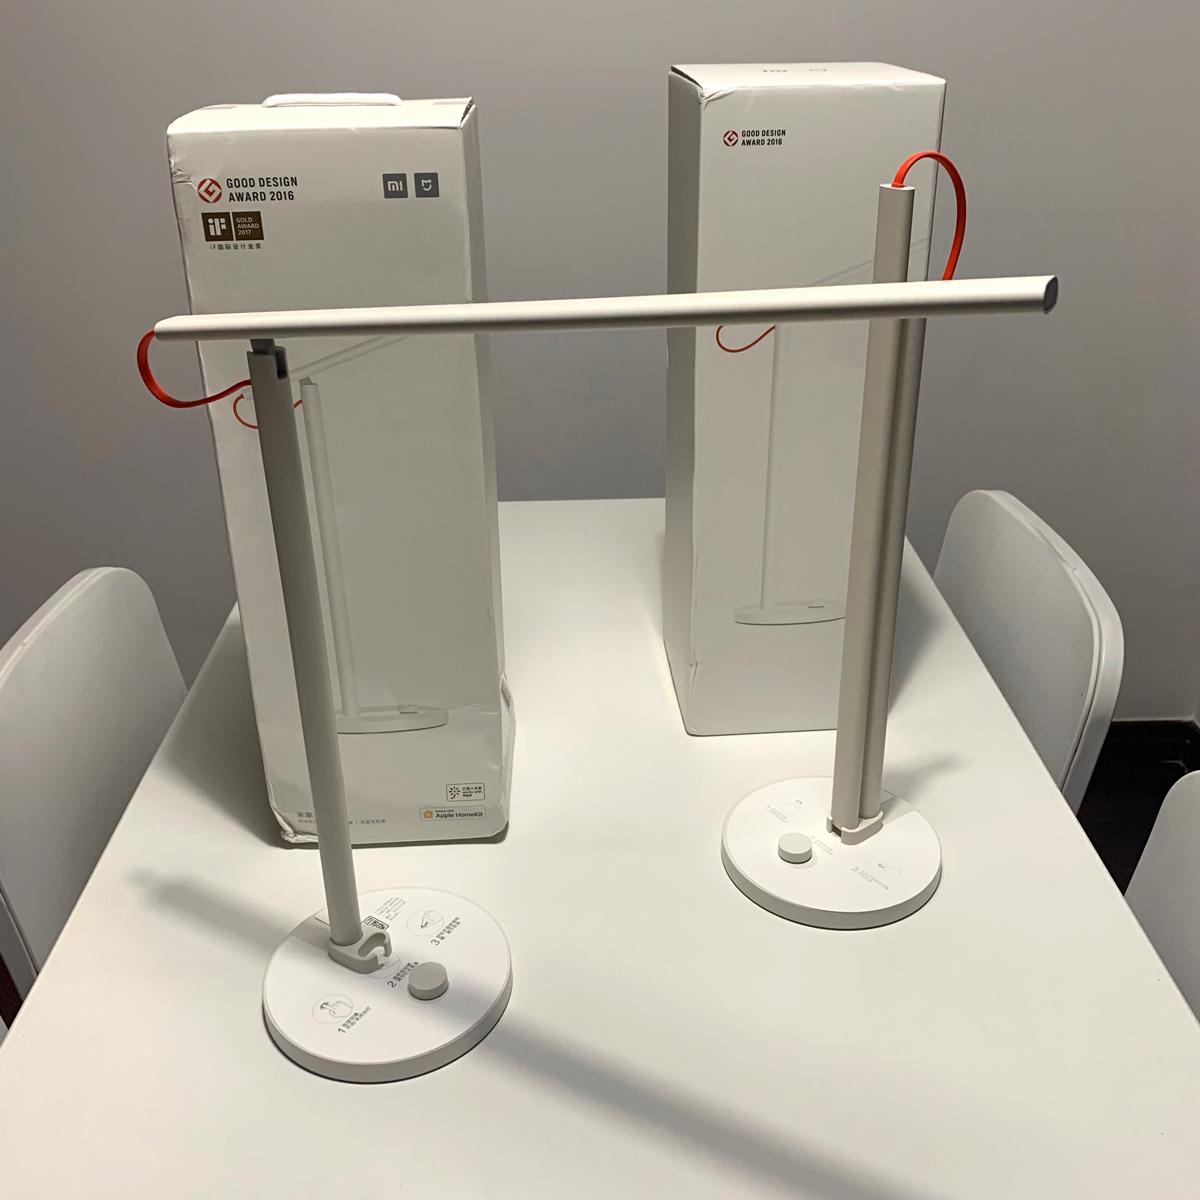 محصول شیائومی - xiaomi چراغ مطالعه (رومیزى) شیائومى Mi Desk Lamp 1S مدل MUE4105GL